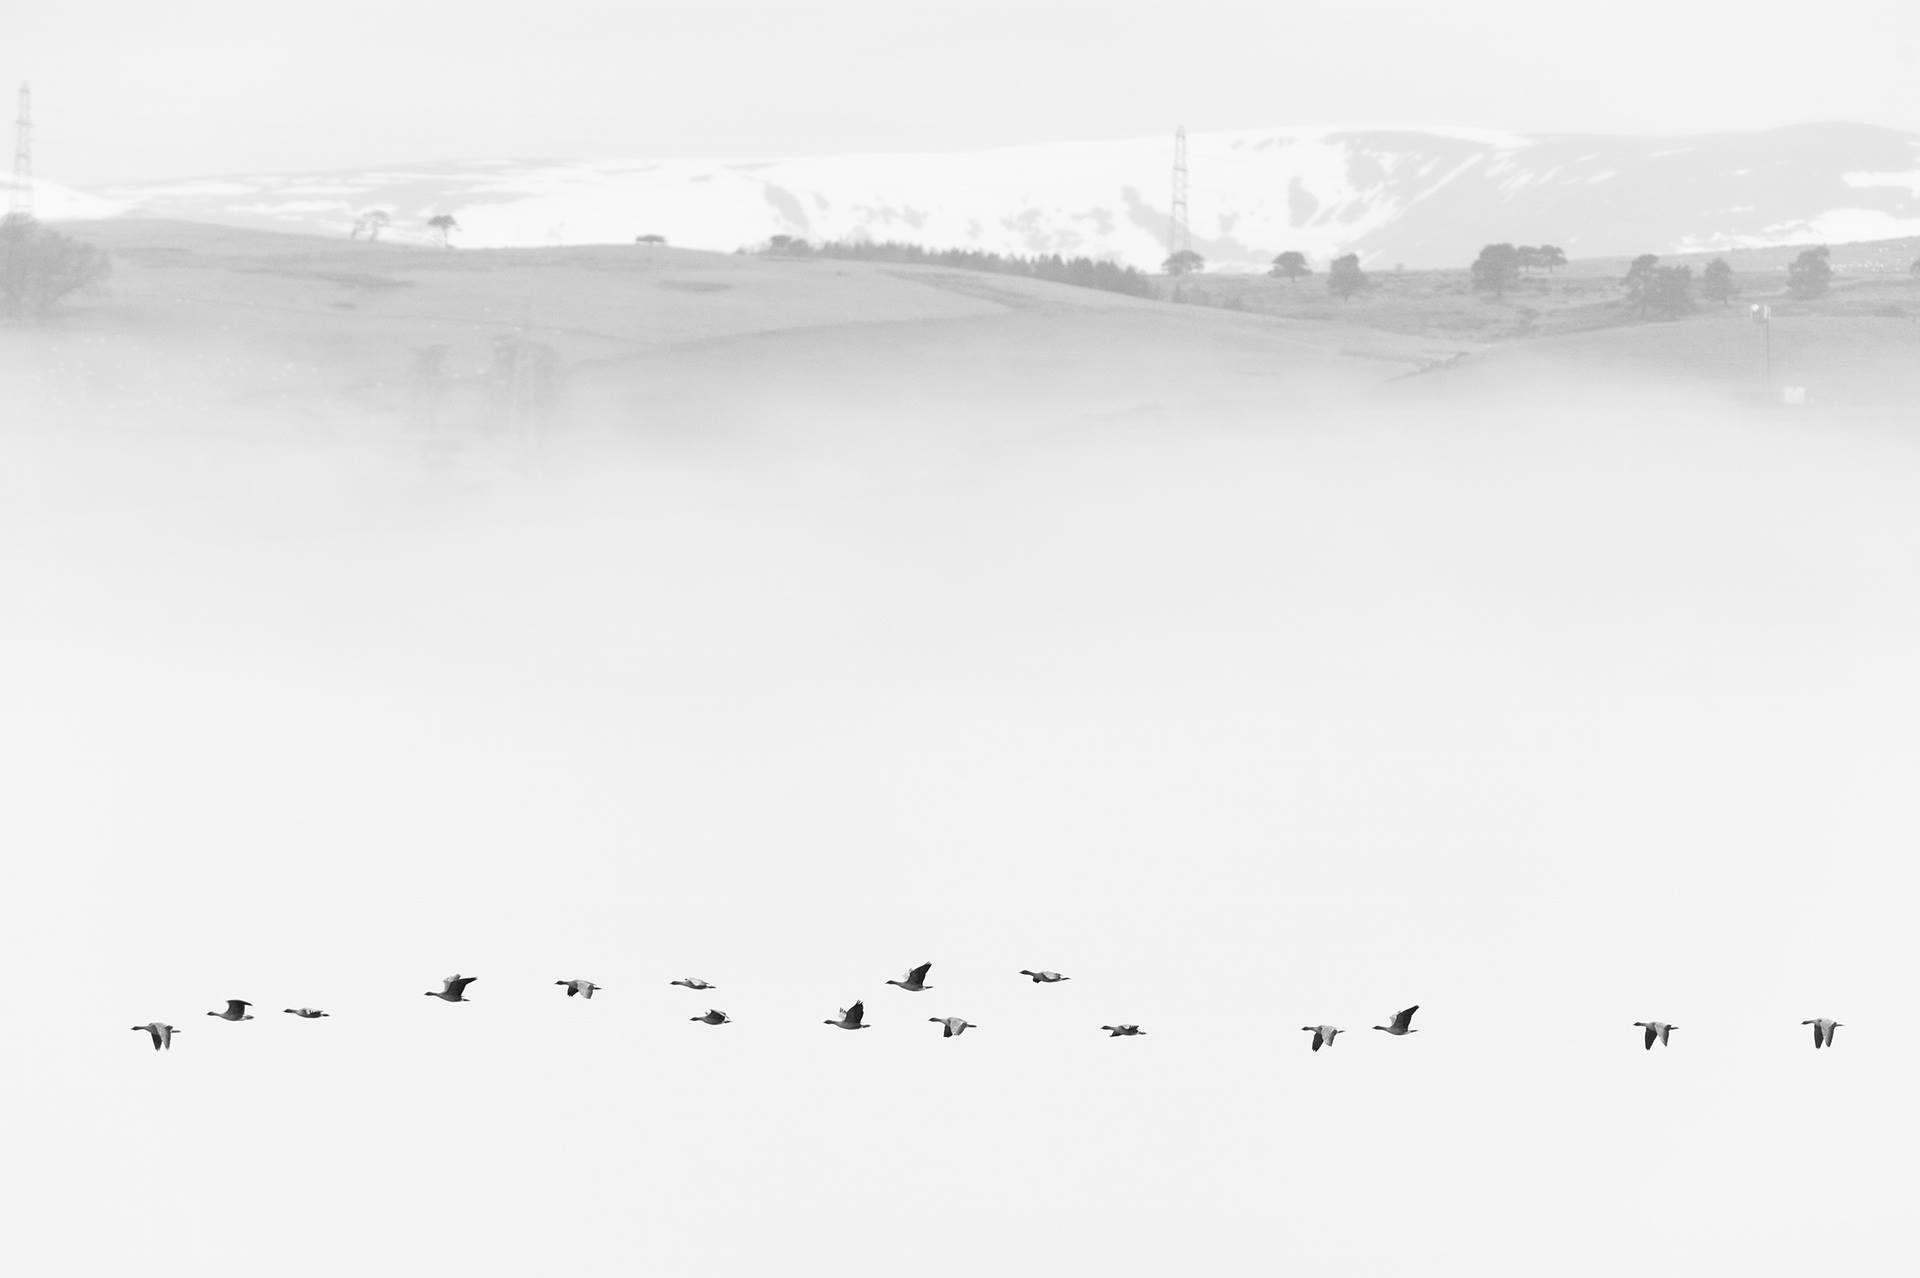 """""""Gansos dos pés cor-de-rosa na neve"""", por Terry Whittaker - vencedor na categoria Natureza britânica em preto e branco. Fotografia concebida em Highlands, na Escócia"""